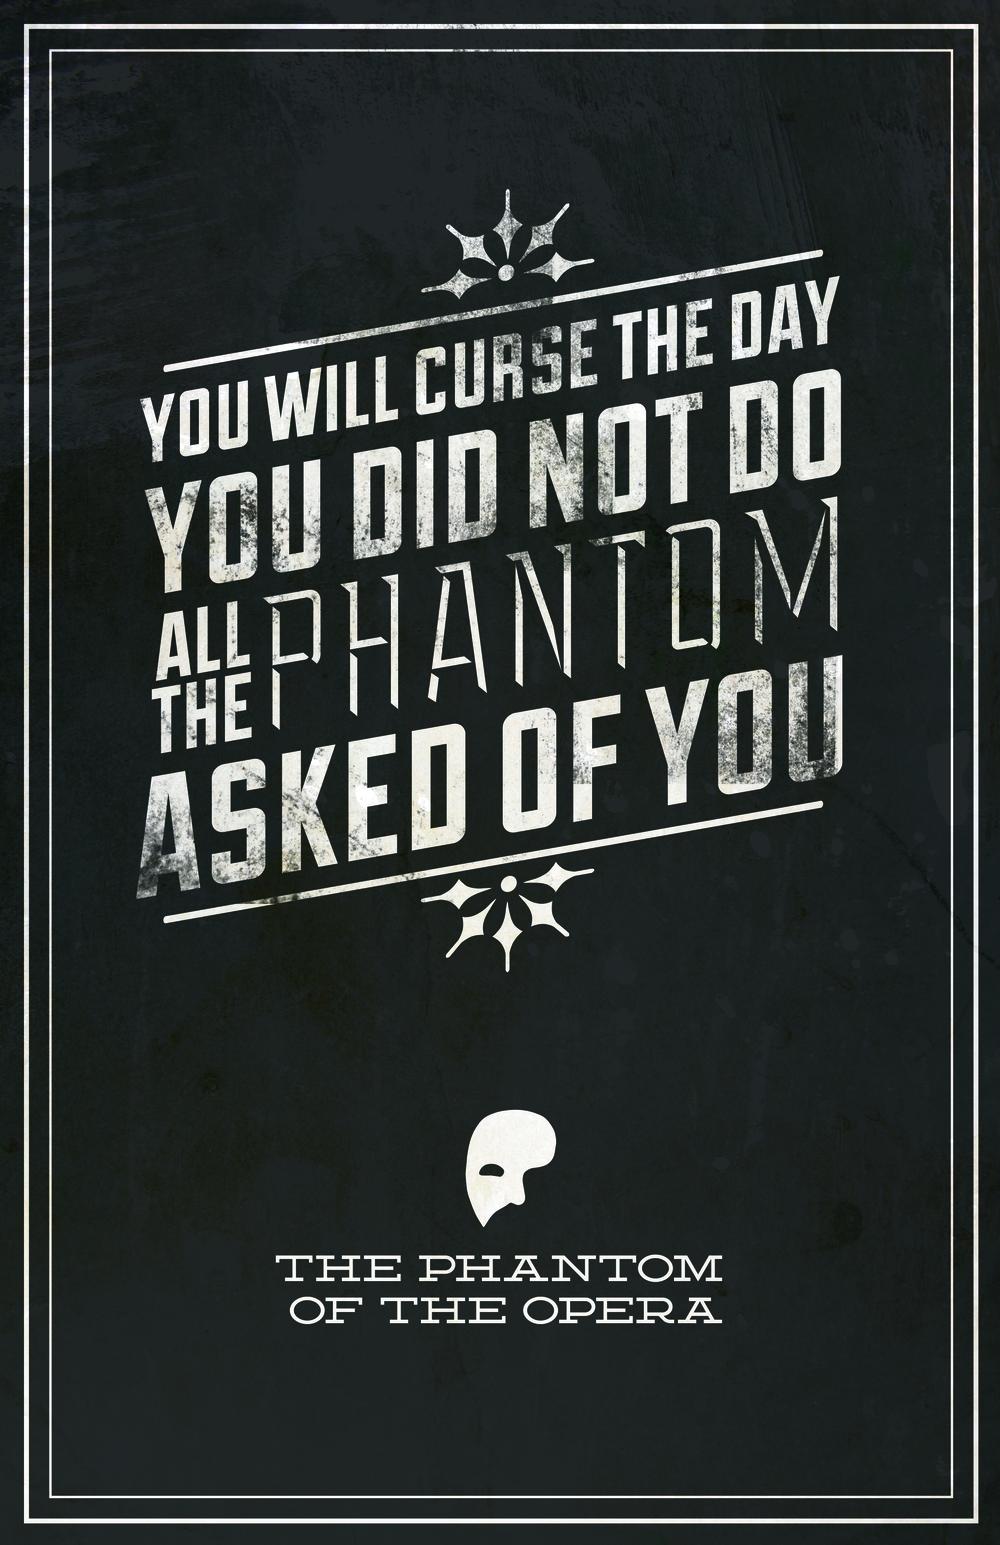 All-I-Ask-Phantom.jpg